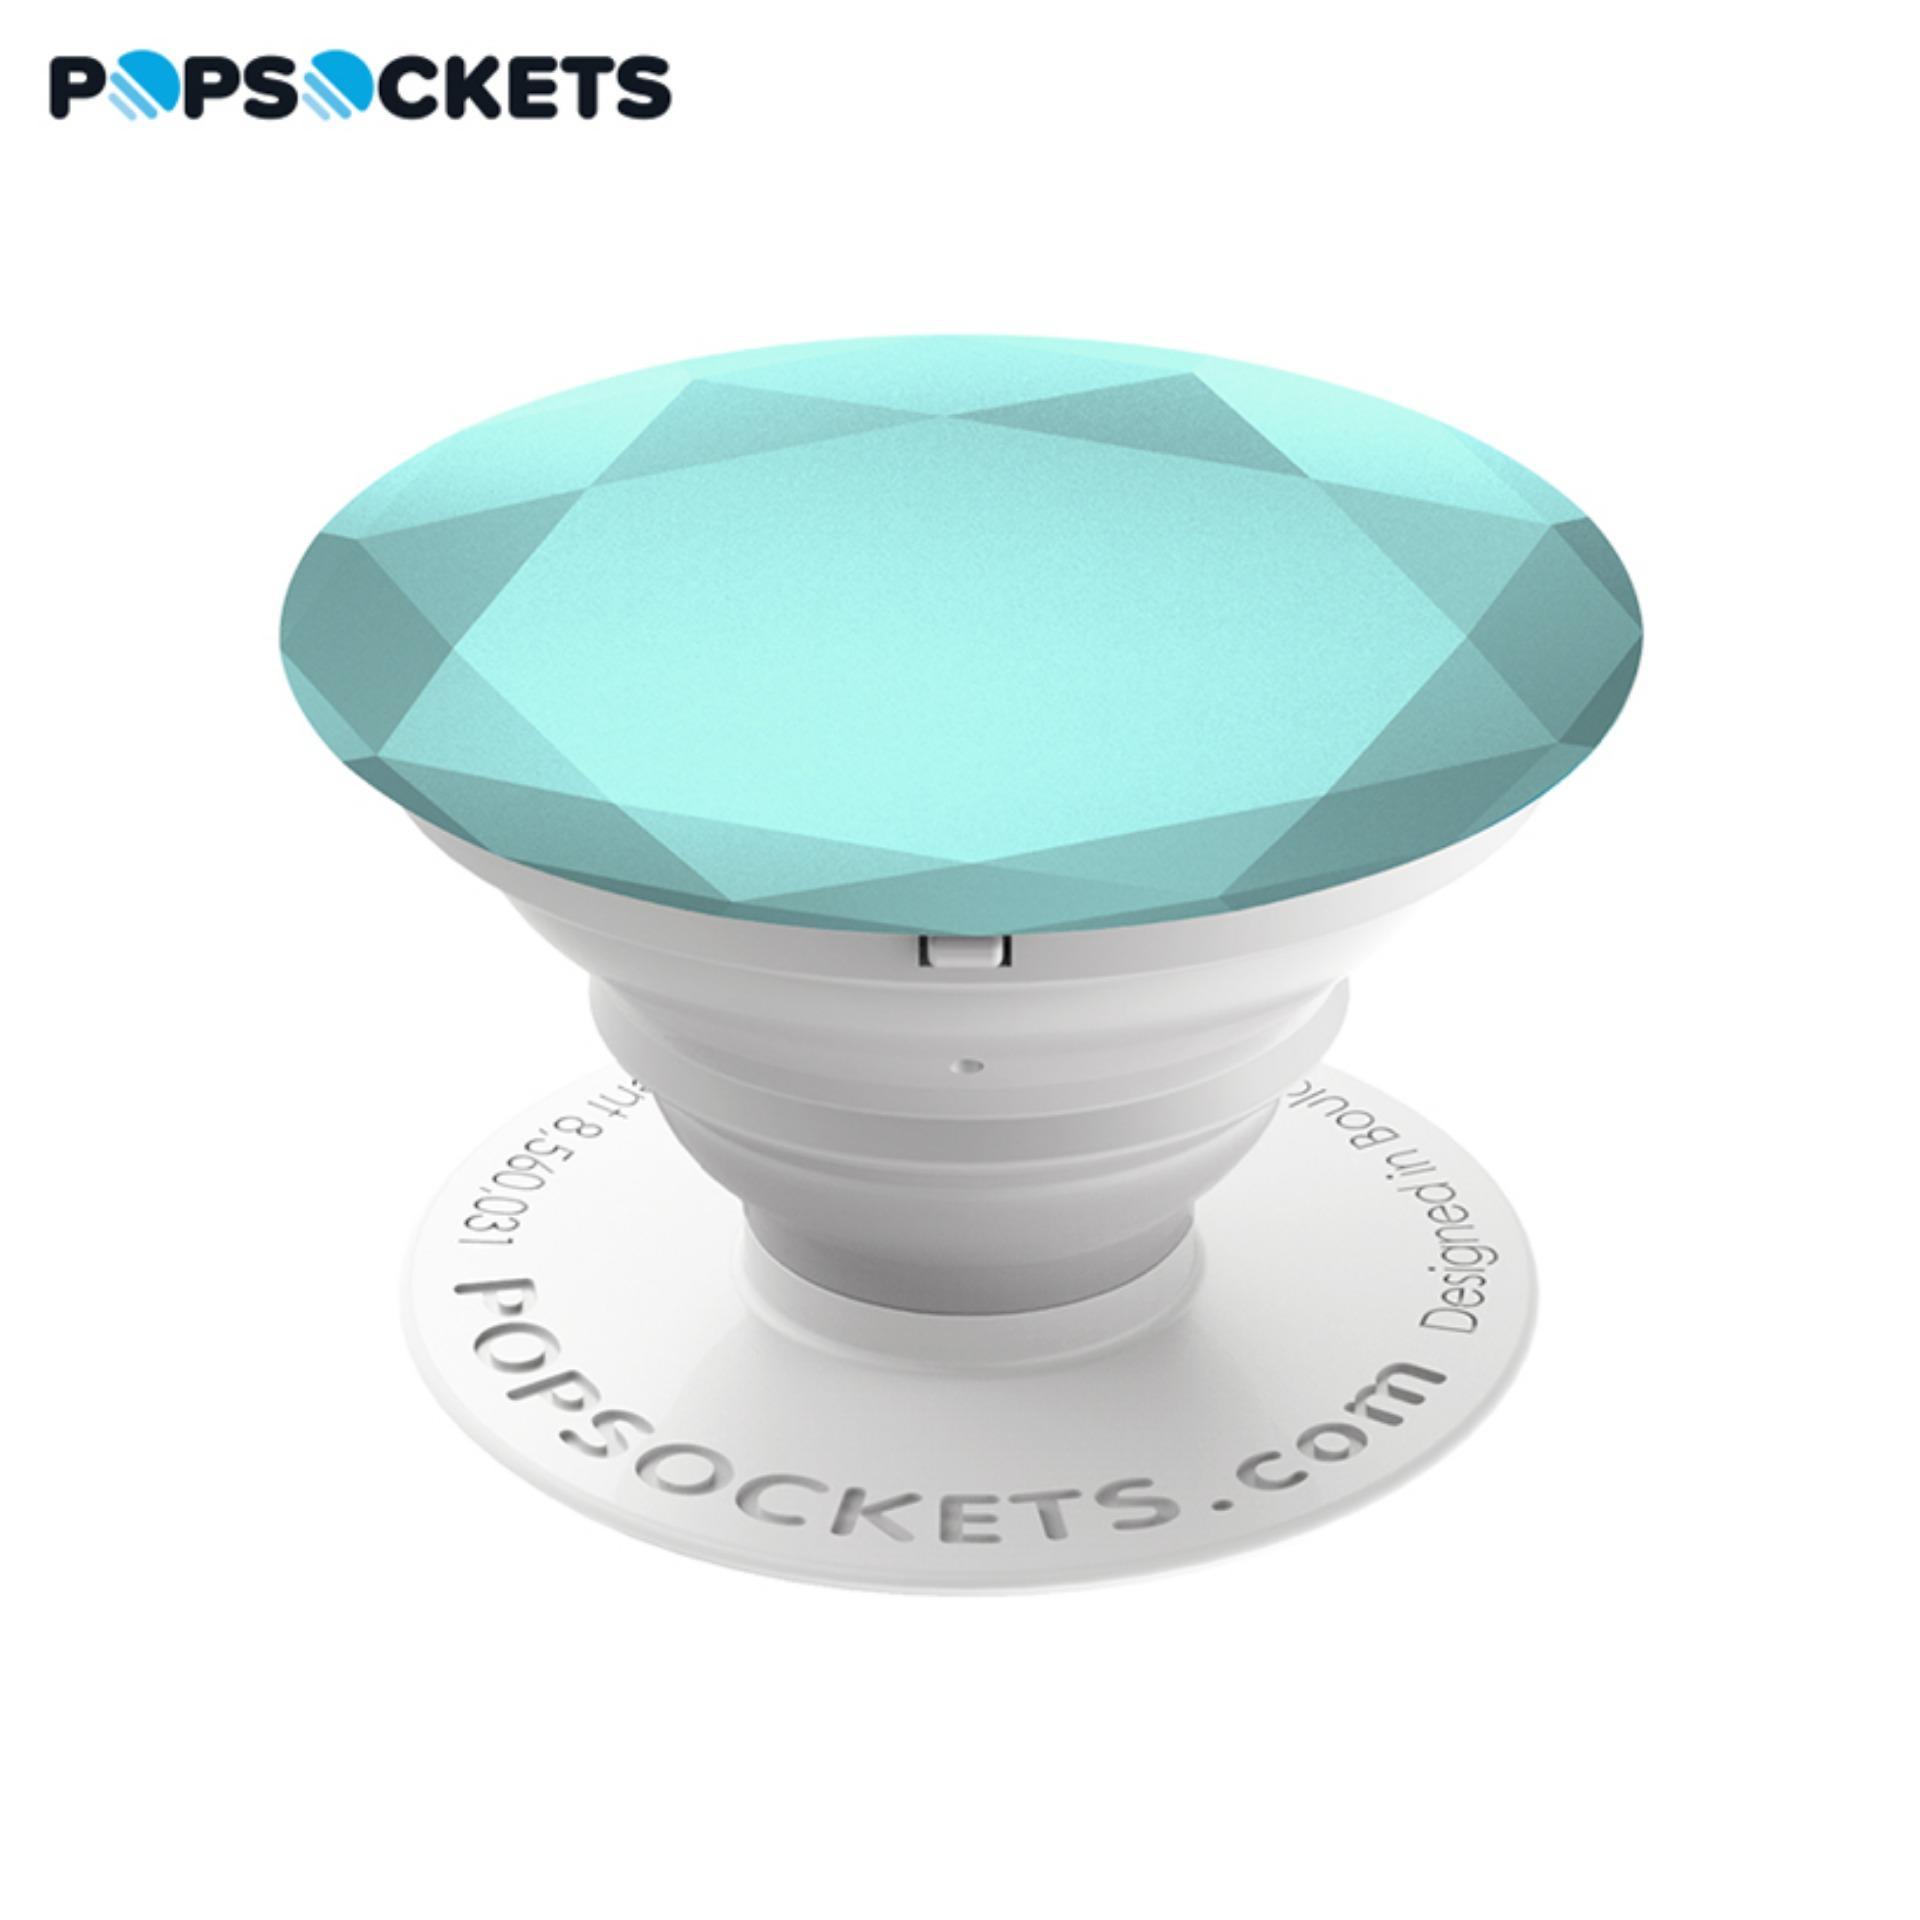 Giá Đỡ Điện Thoại Thời Trang PopSockets Glacier Metallic Diamond